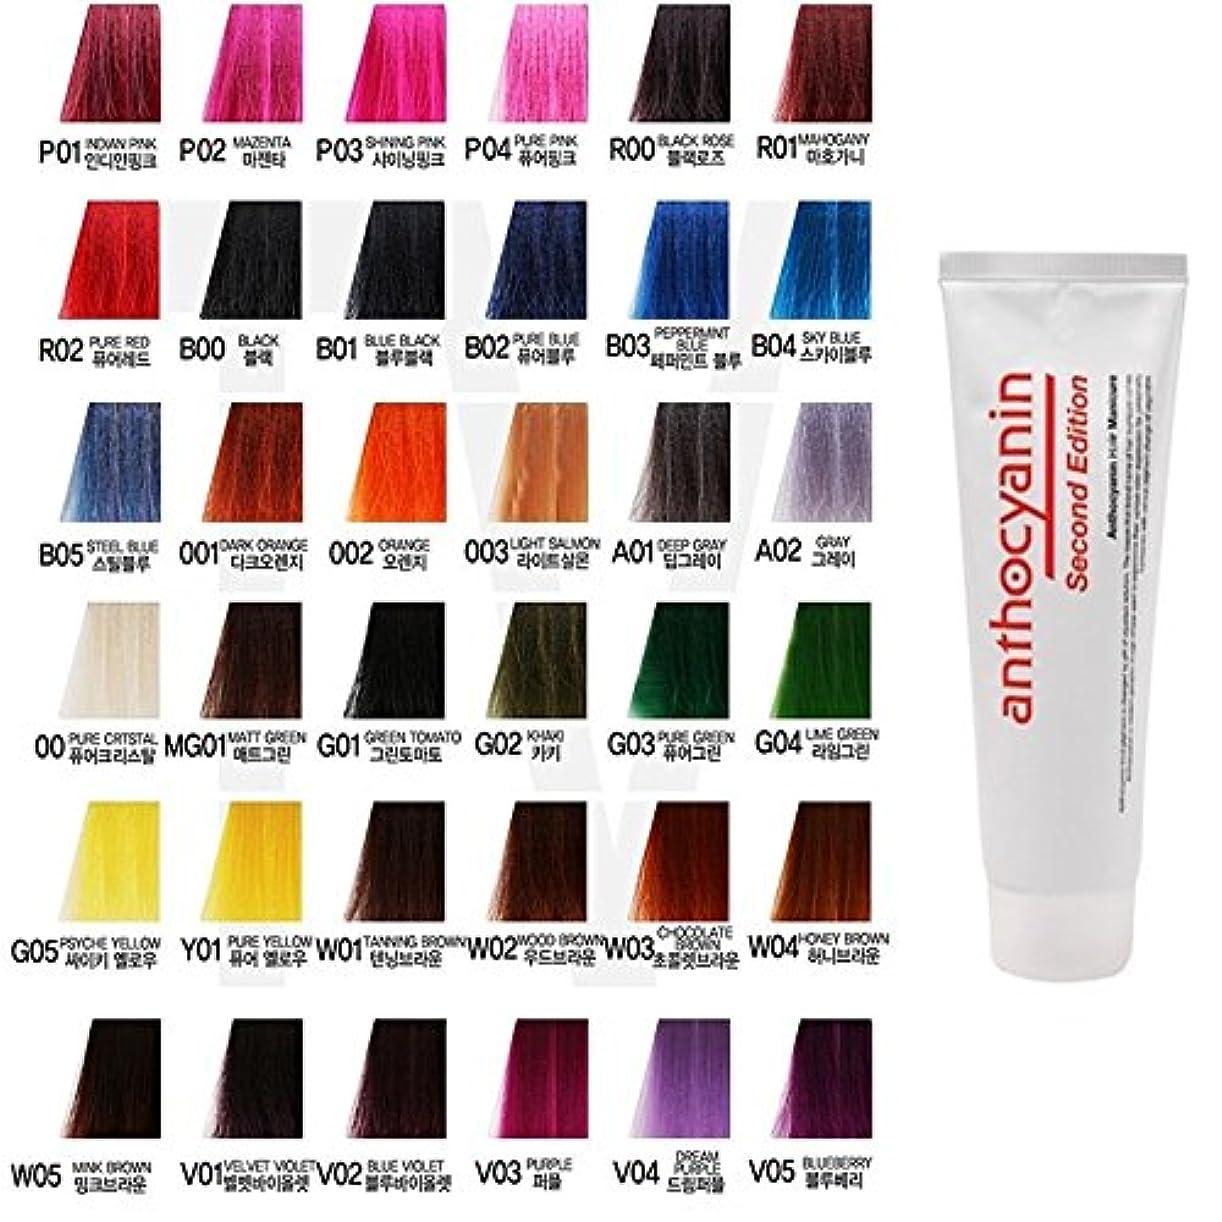 ラベンダー昆虫歌詞ヘア マニキュア カラー セカンド エディション 230g セミ パーマネント 染毛剤 ( Hair Manicure Color Second Edition 230g Semi Permanent Hair Dye) [並行輸入品] (004 Pure Crystal)